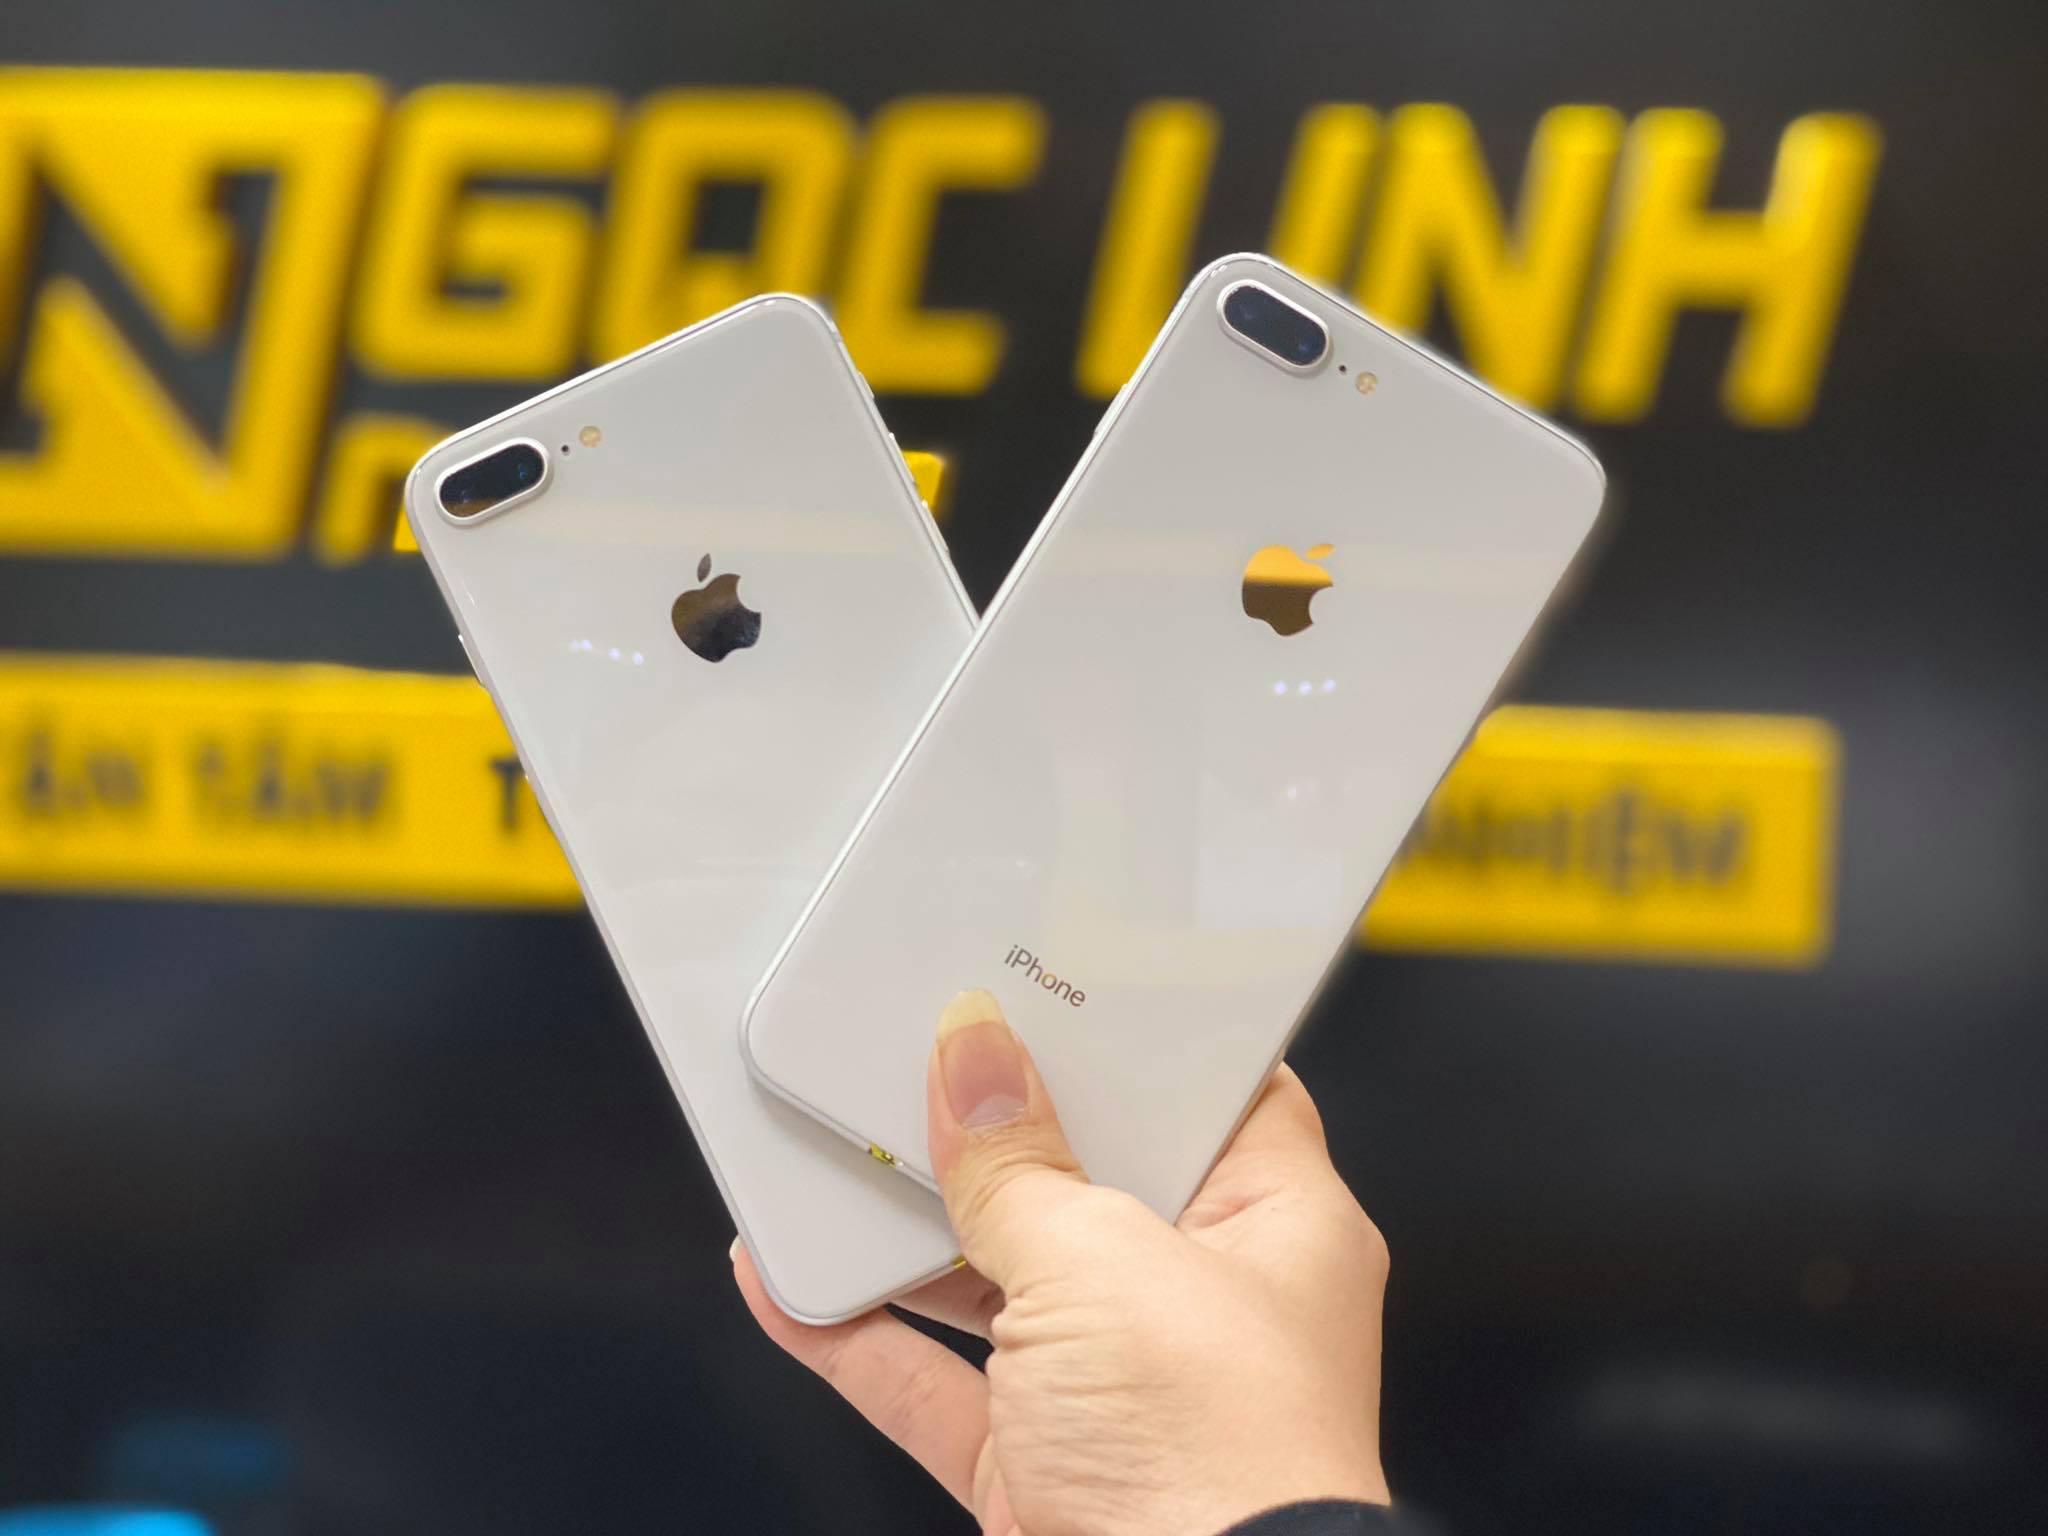 iPhone - Lý do khiến Apple tạo nên thương hiệu cho iPhone trên thị trường